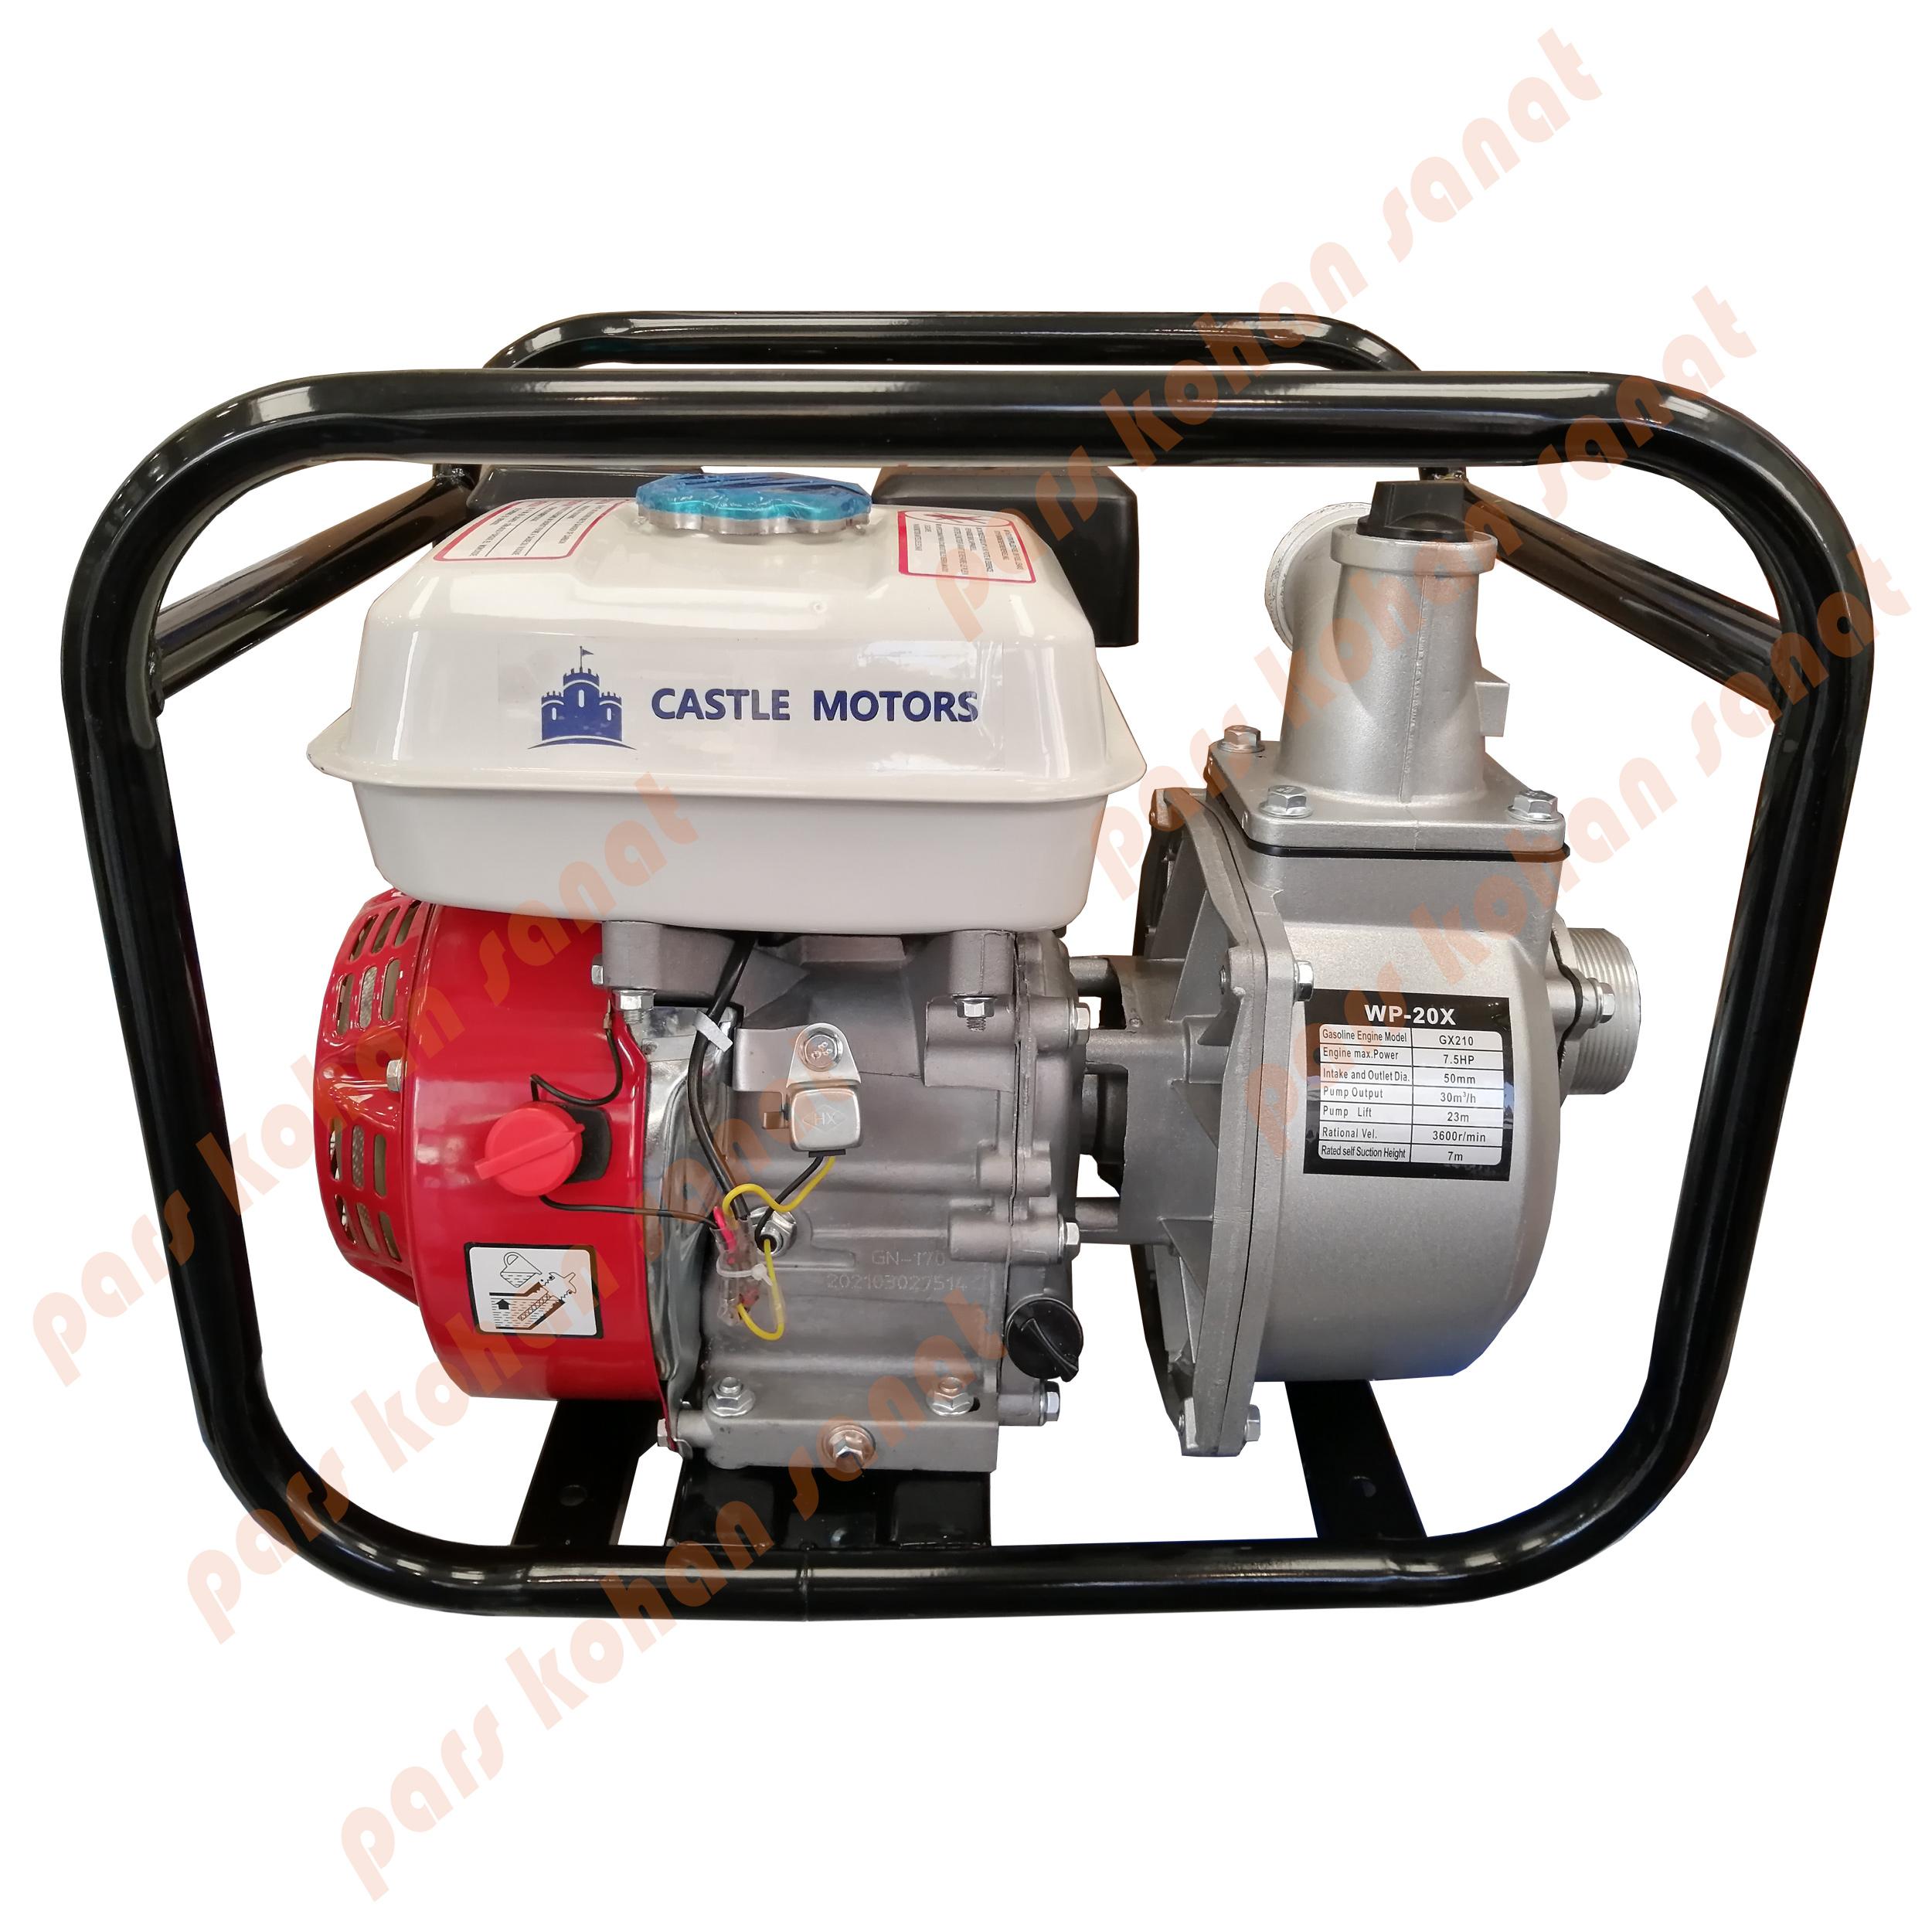 موتور پمپ  آب بنزینی کستل موتورز مدل WP-20X